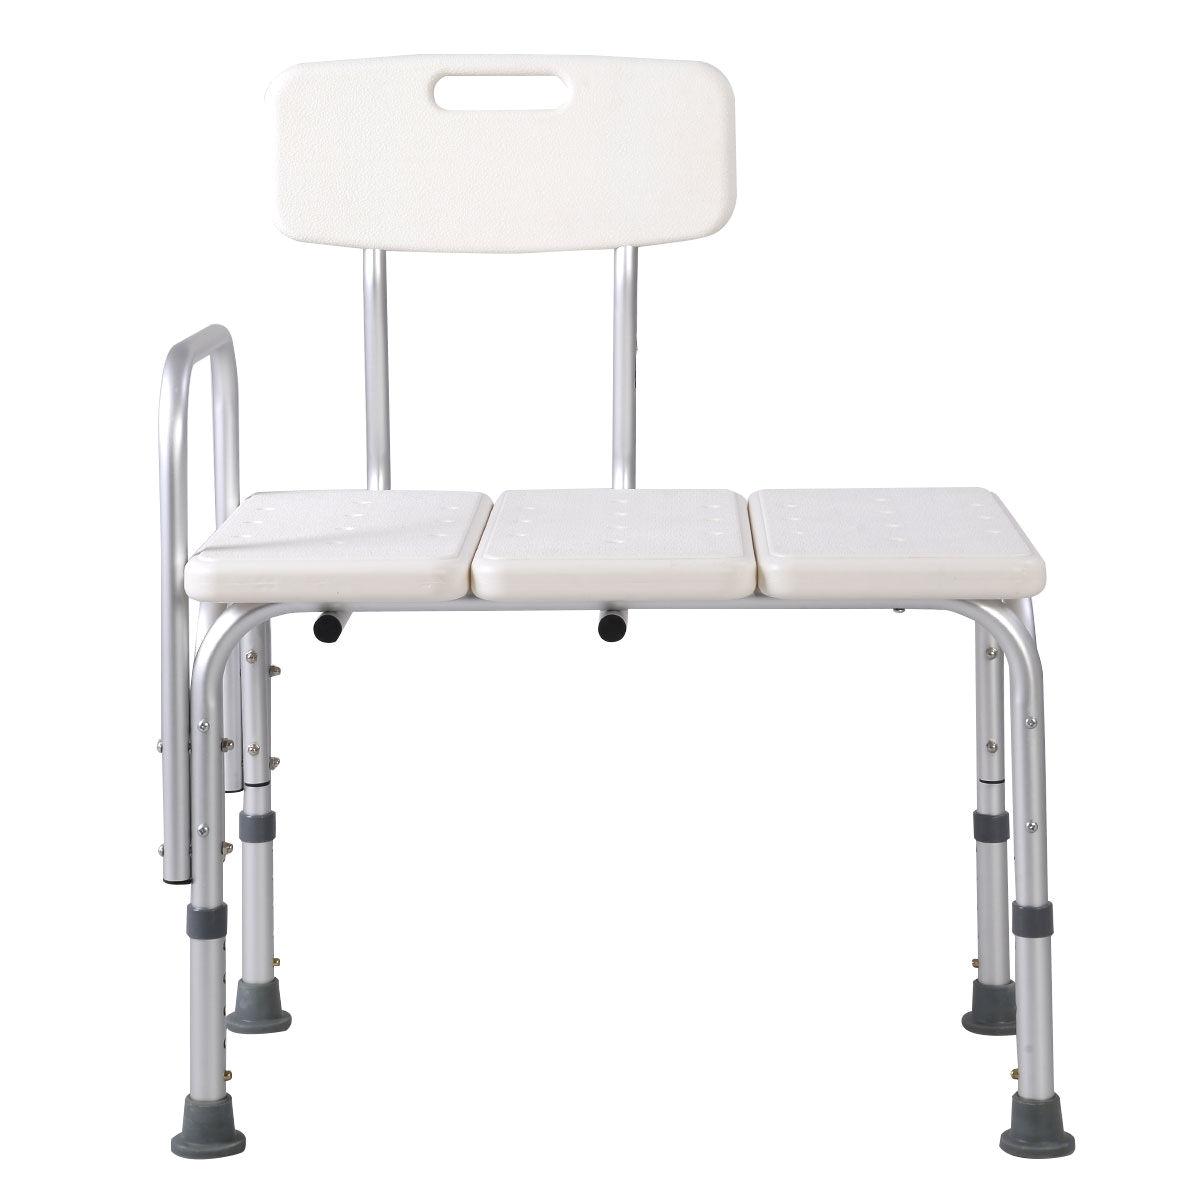 Tub Transfer Bench Walmart Goplus Shower Bath Seat Medical Adjustable Bathroom Bath Tub